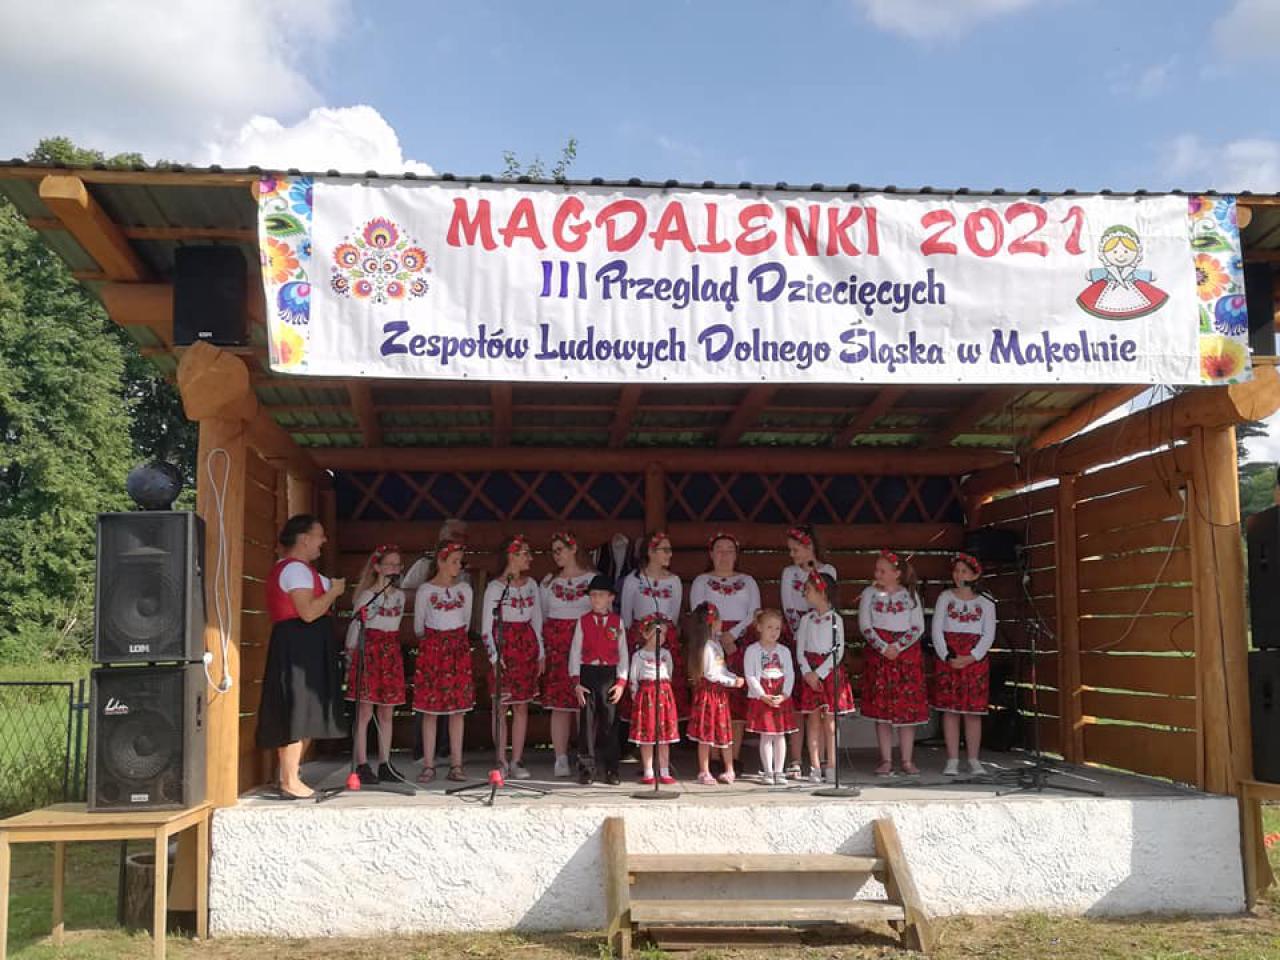 [FOTO] Magdalenki 2021 w Mąkolnie